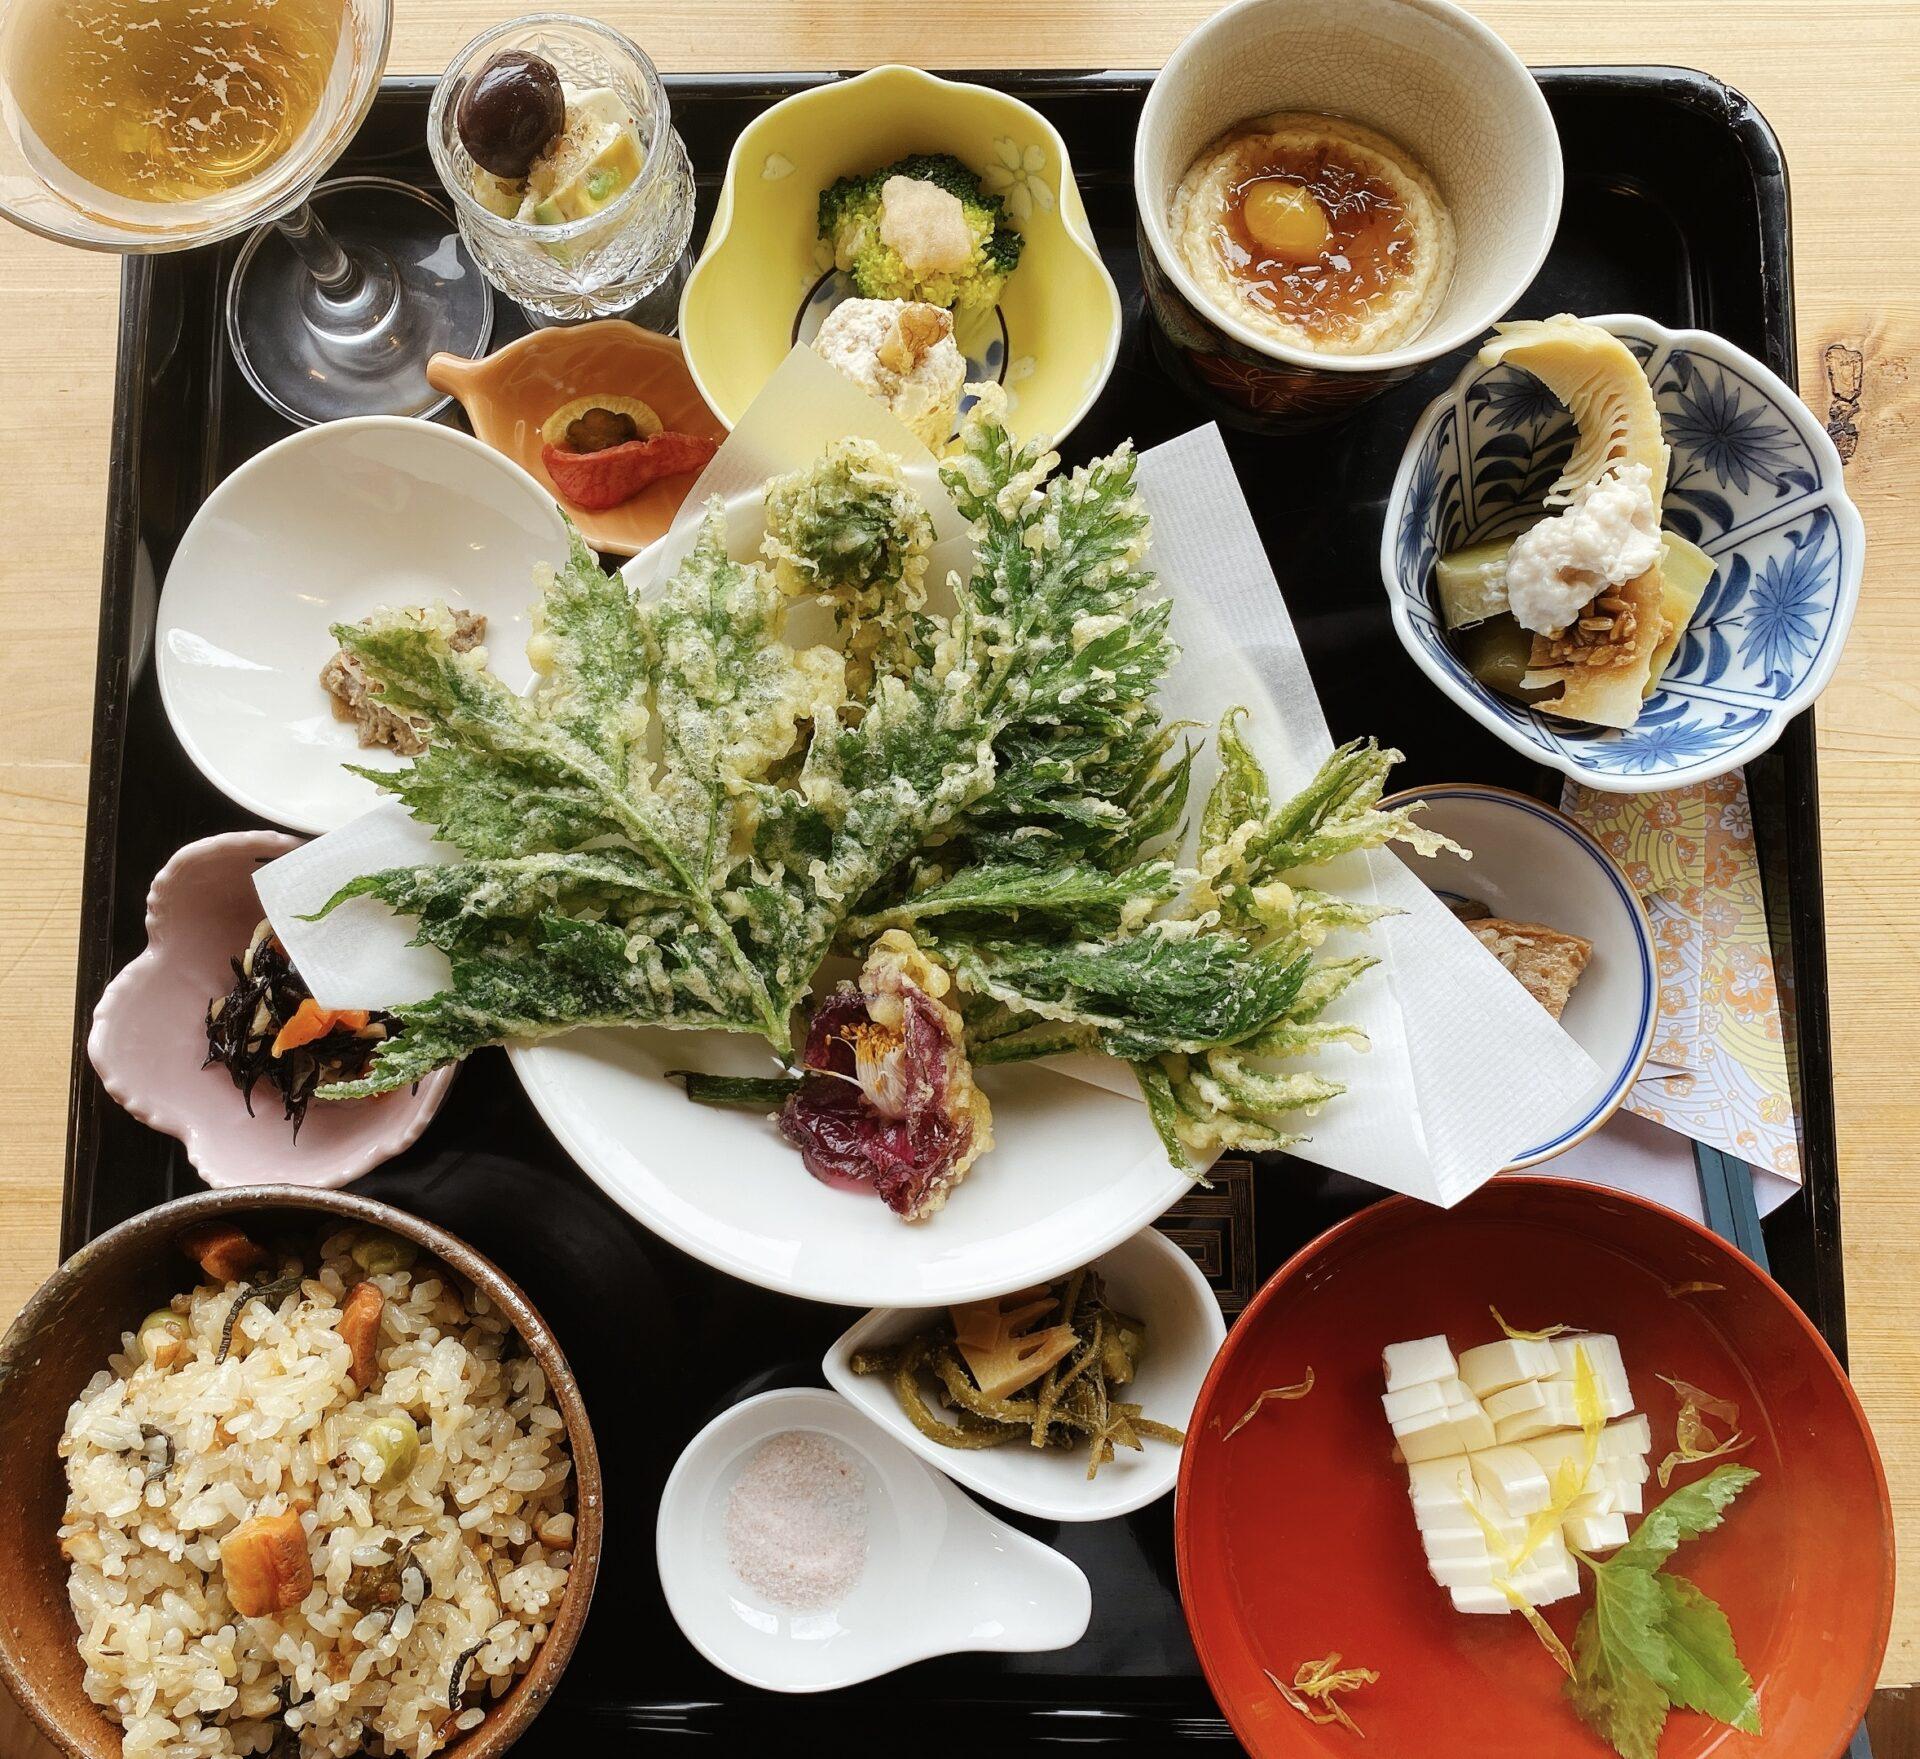 古民家カフェ 是里 赤磐の自然を体感しながら頂く素敵なランチ 「是こそ里なり旬の御膳」は10食限定!